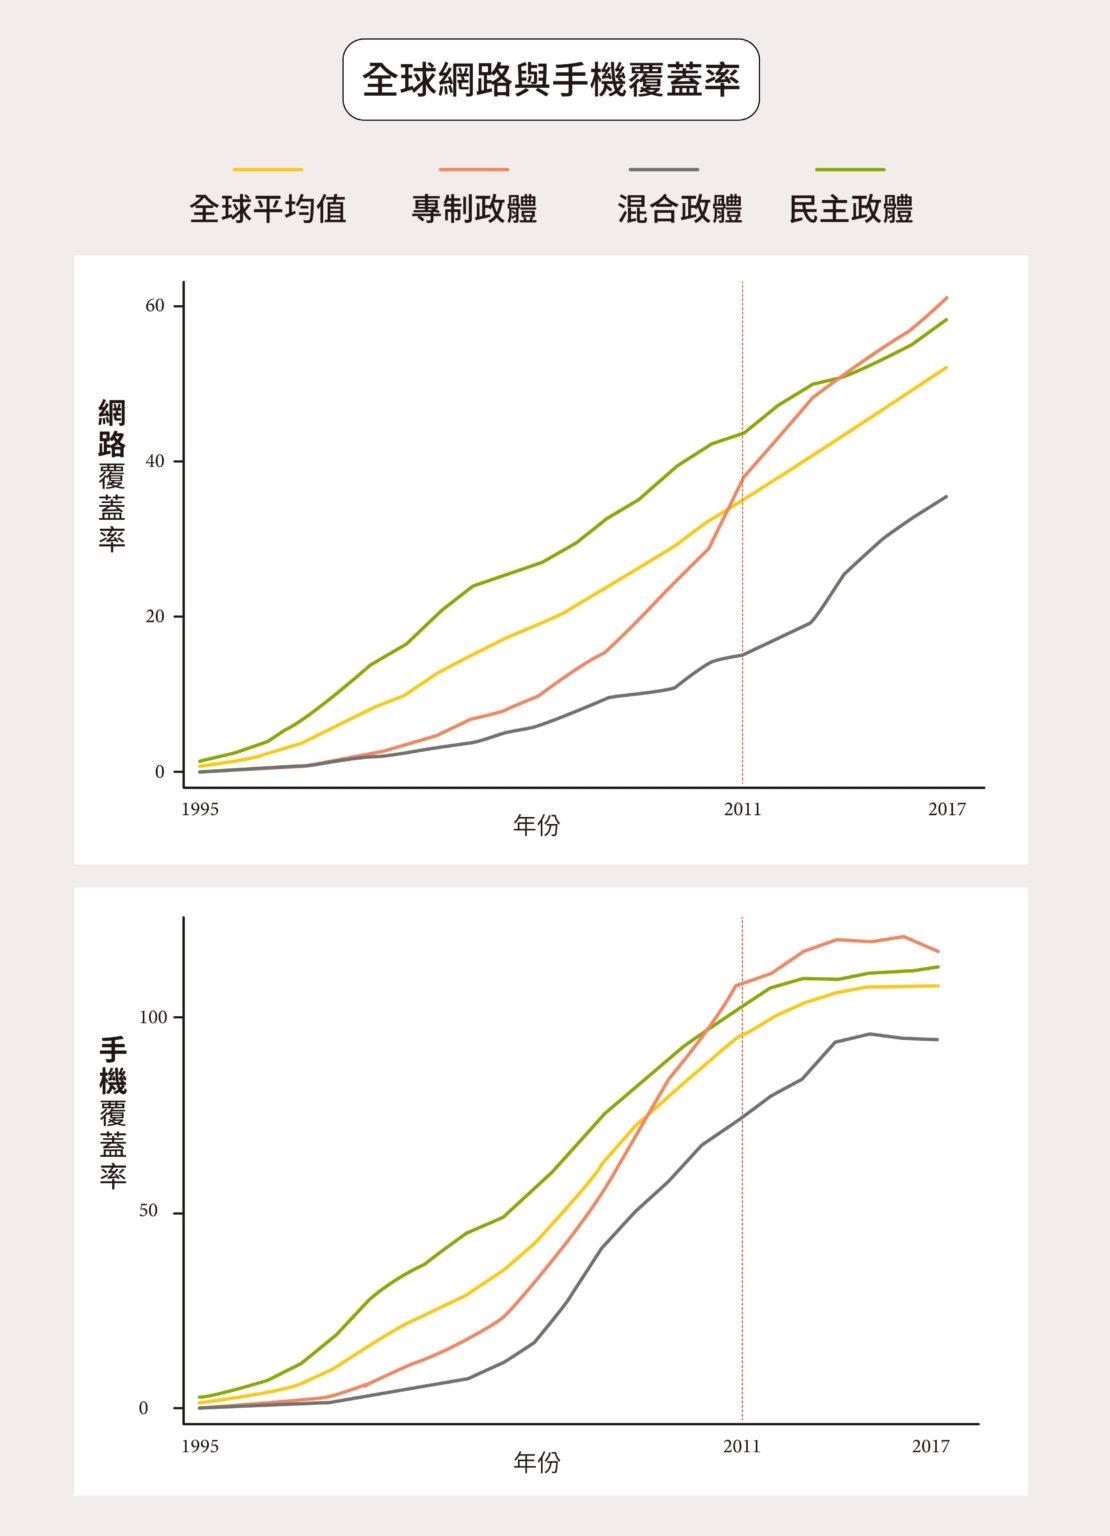 圖為全球 153 個國家的網路、手機覆蓋率趨勢。2010 年前,威權政體的網路、手機比例還遠低於民主國家,其後迅速增加,分別在 2013、2010 年超過民主國家。 圖│研之有物(資料來源│林宗弘)